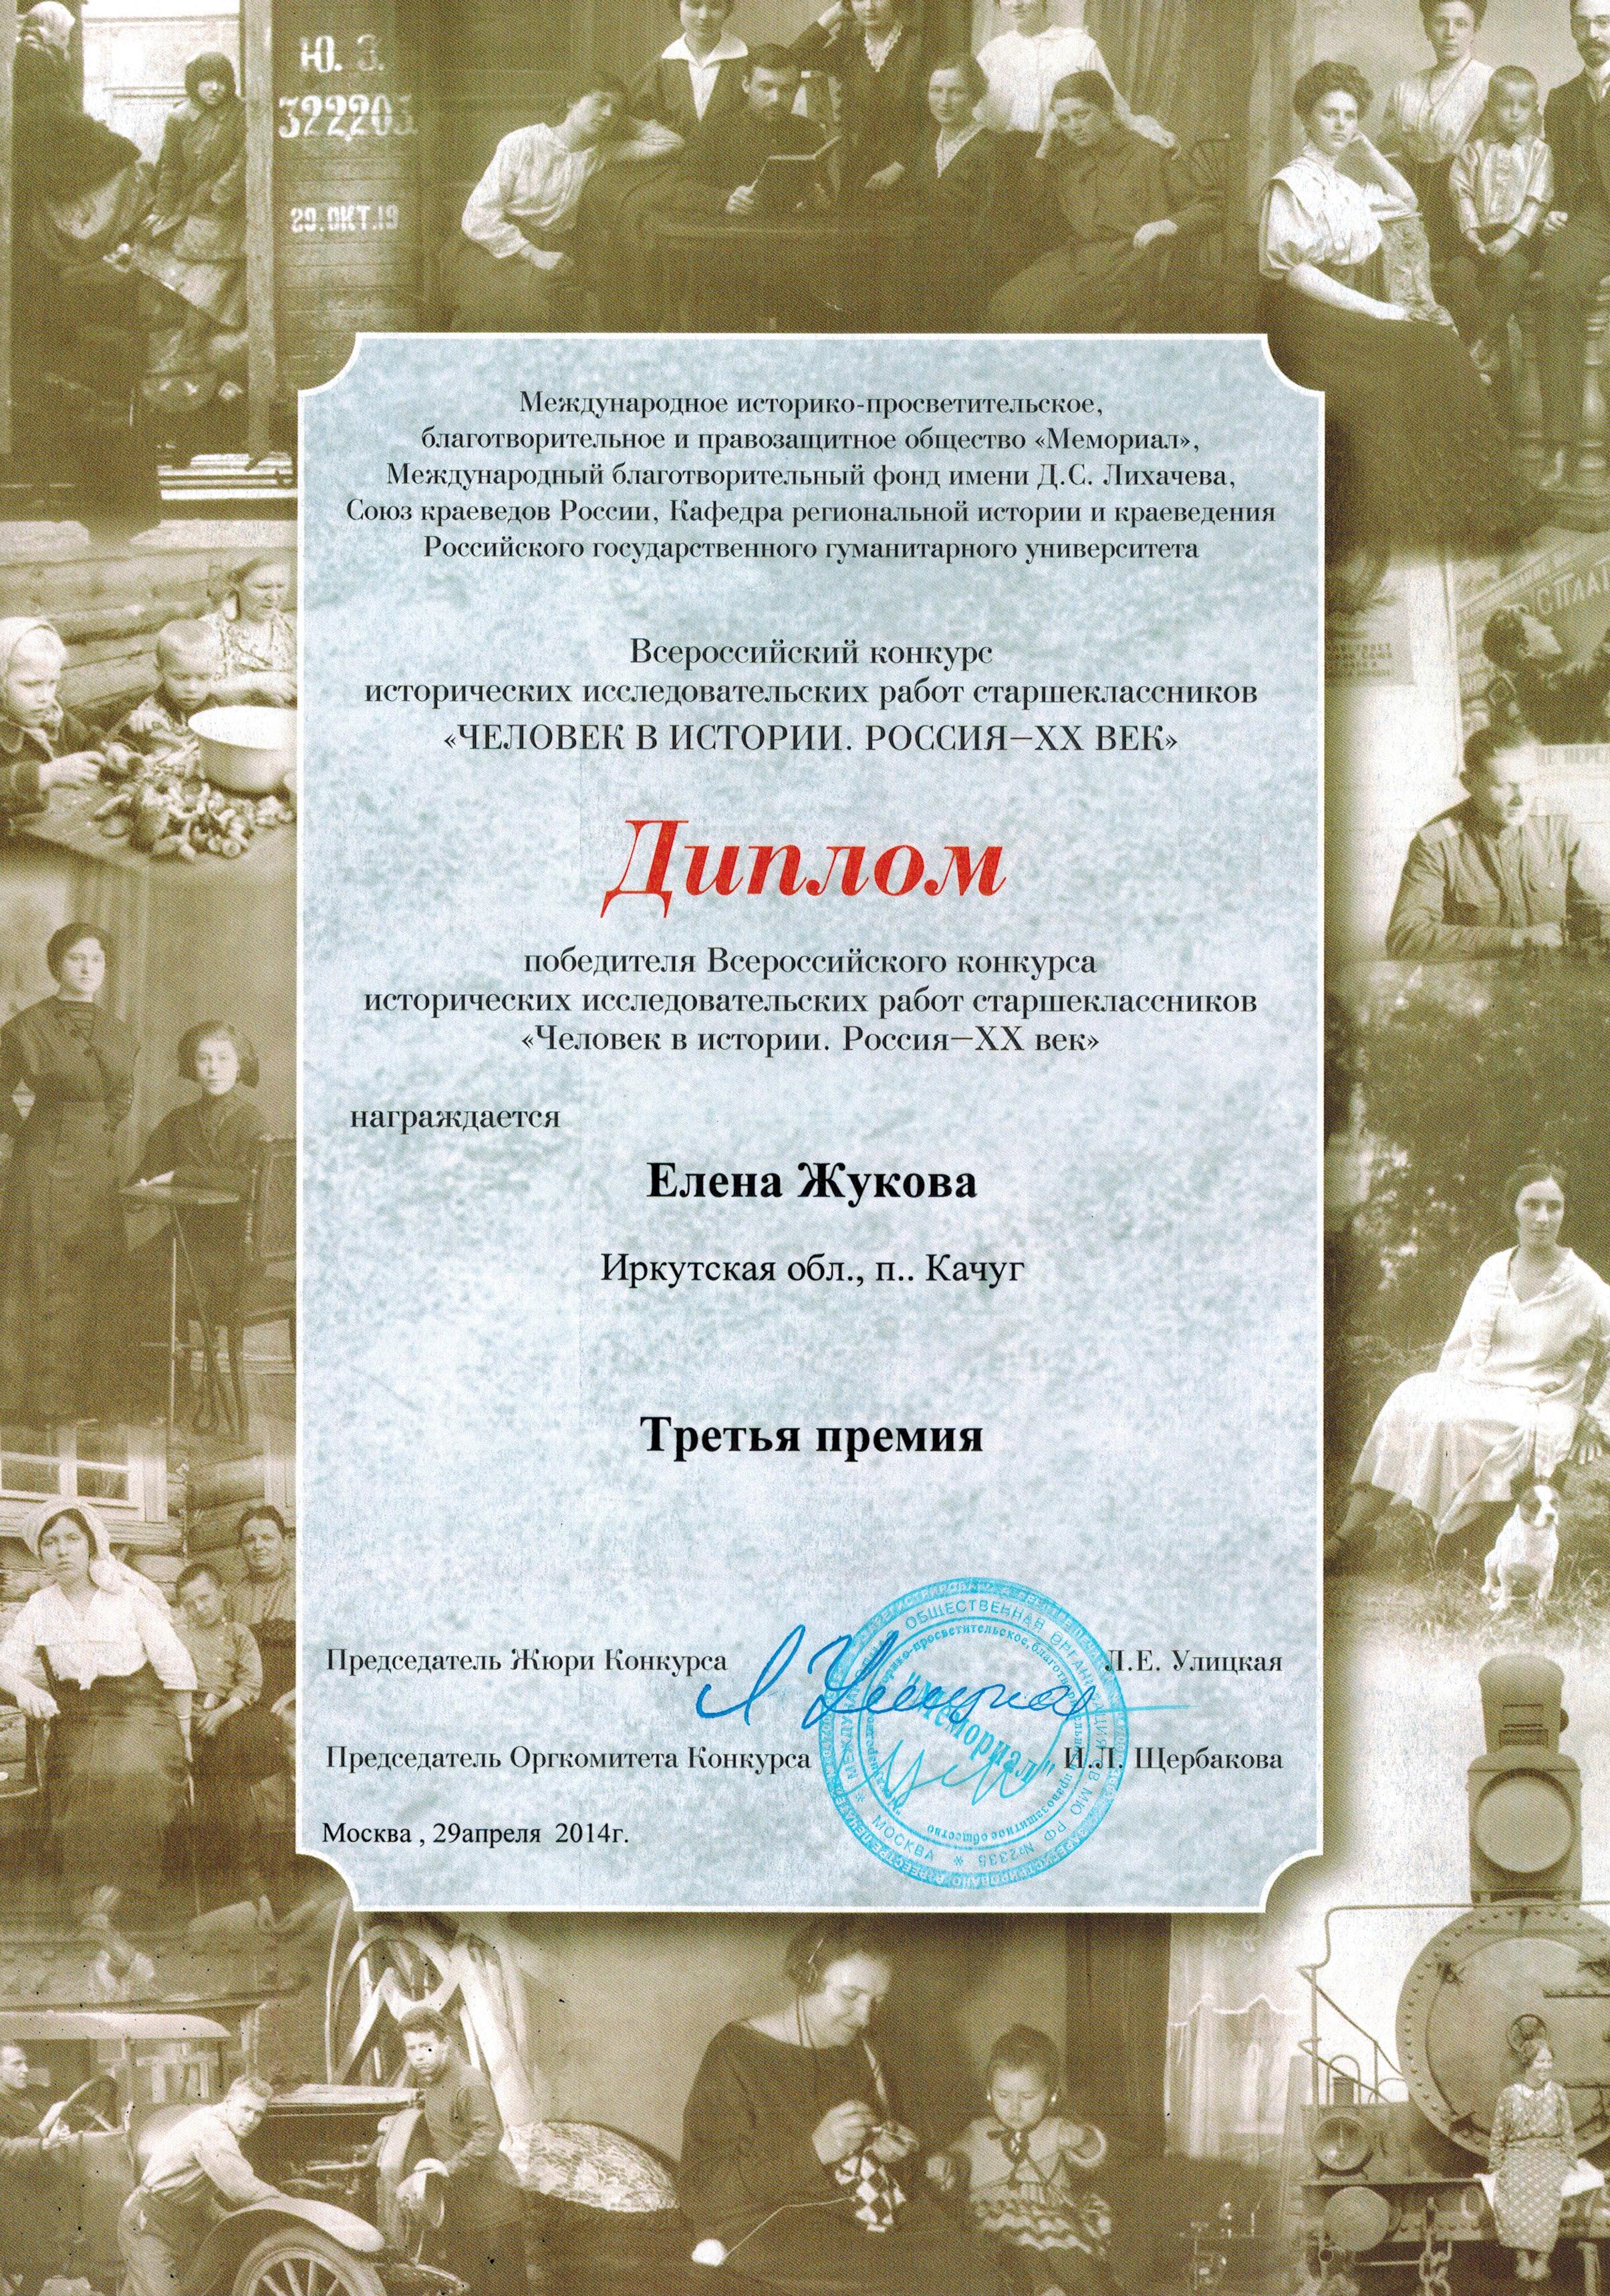 Всероссийский конкурс человек в истории россии 20 века